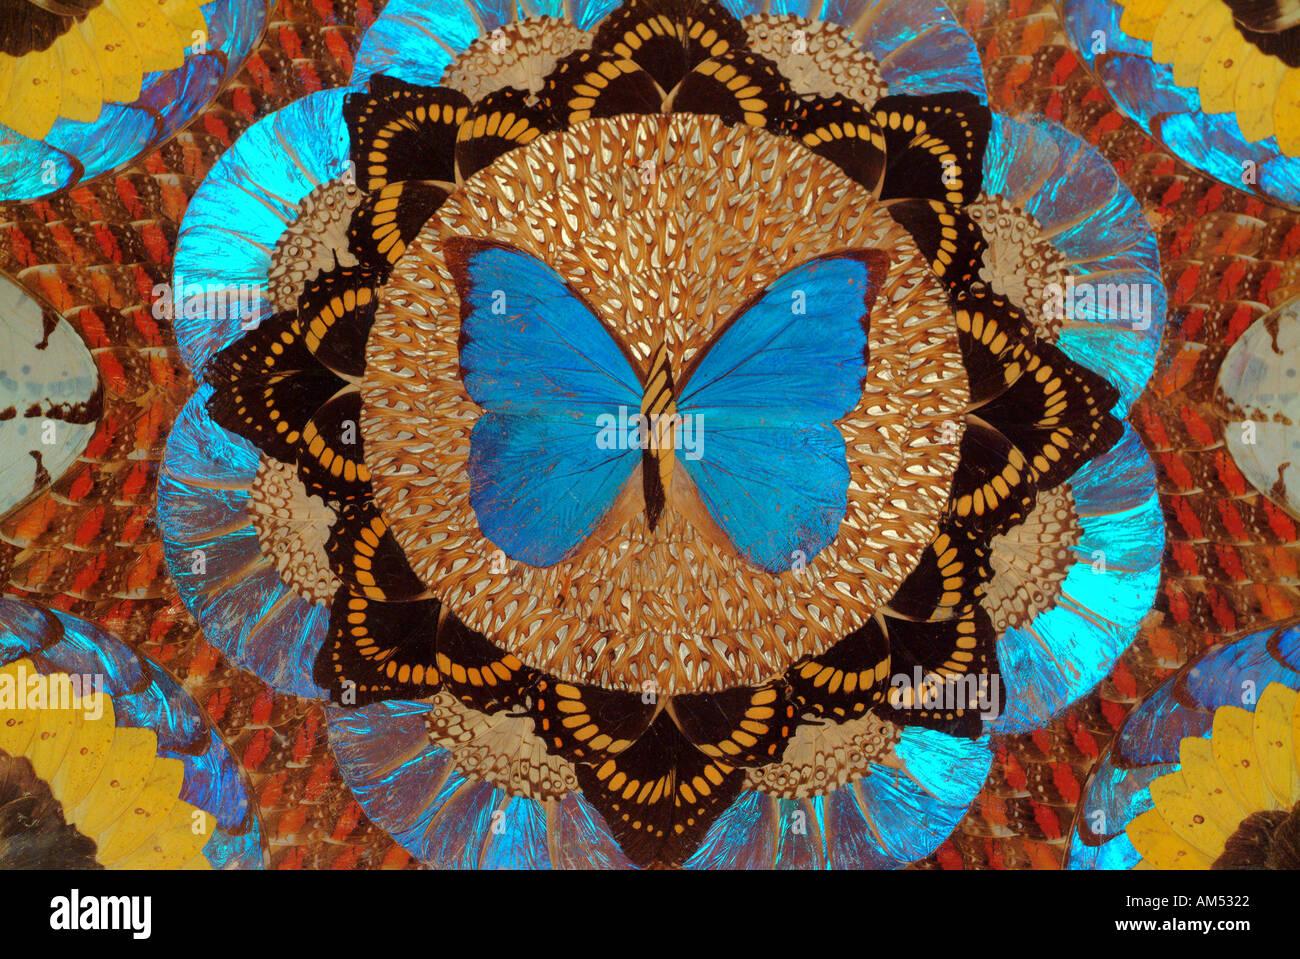 Collage de mosaïque les ailes de papillon coloré Photo Stock